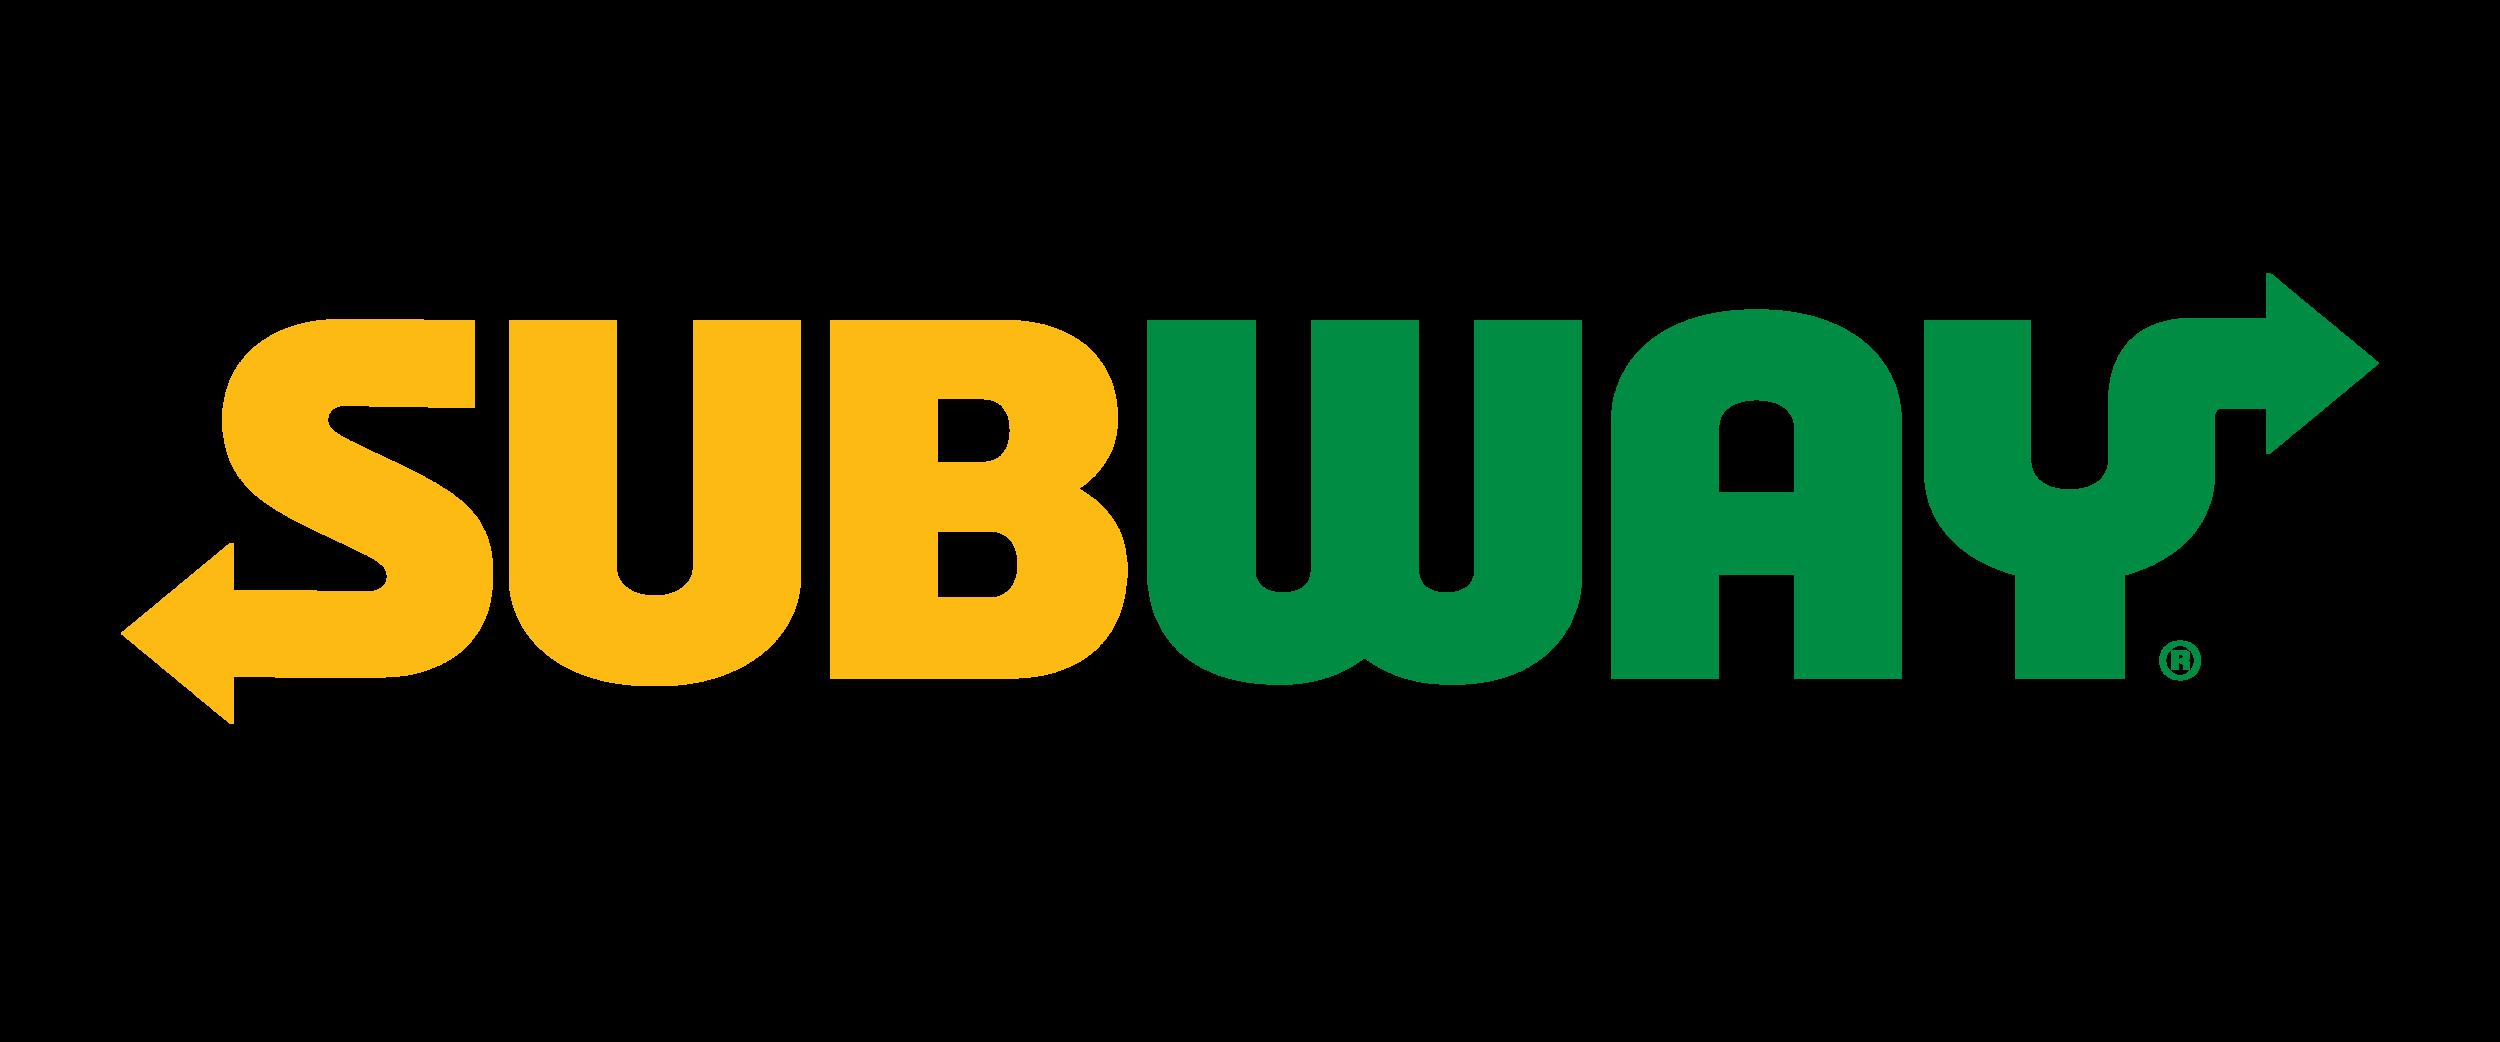 Subway 2019 Partner logo yel-grn NO IP.png